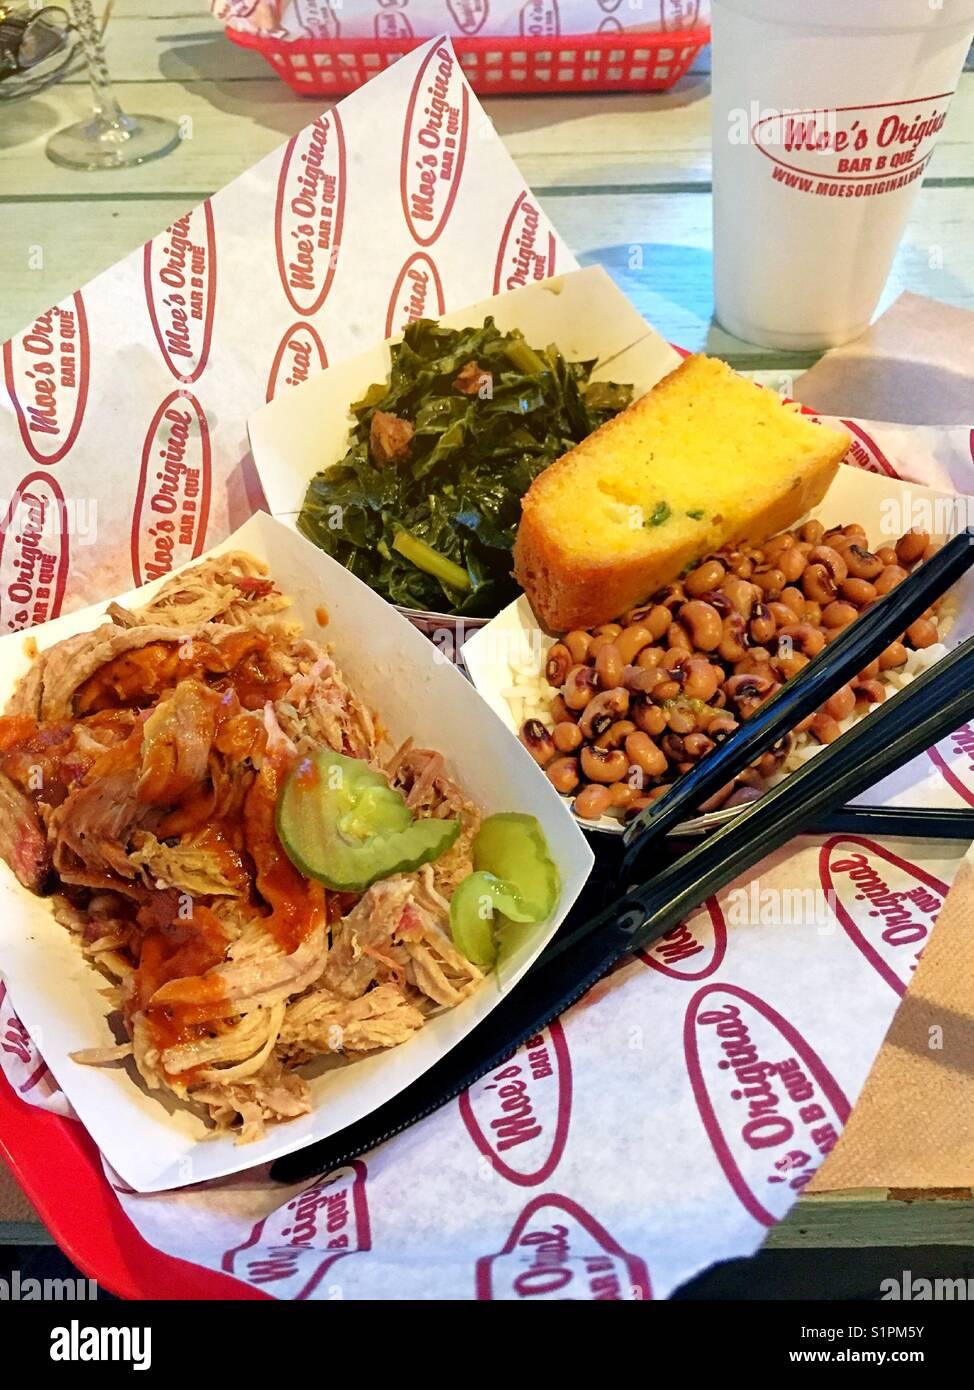 Repas de porc chez Moe's BBQ, Pawleys Island, Caroline du Sud Photo Stock